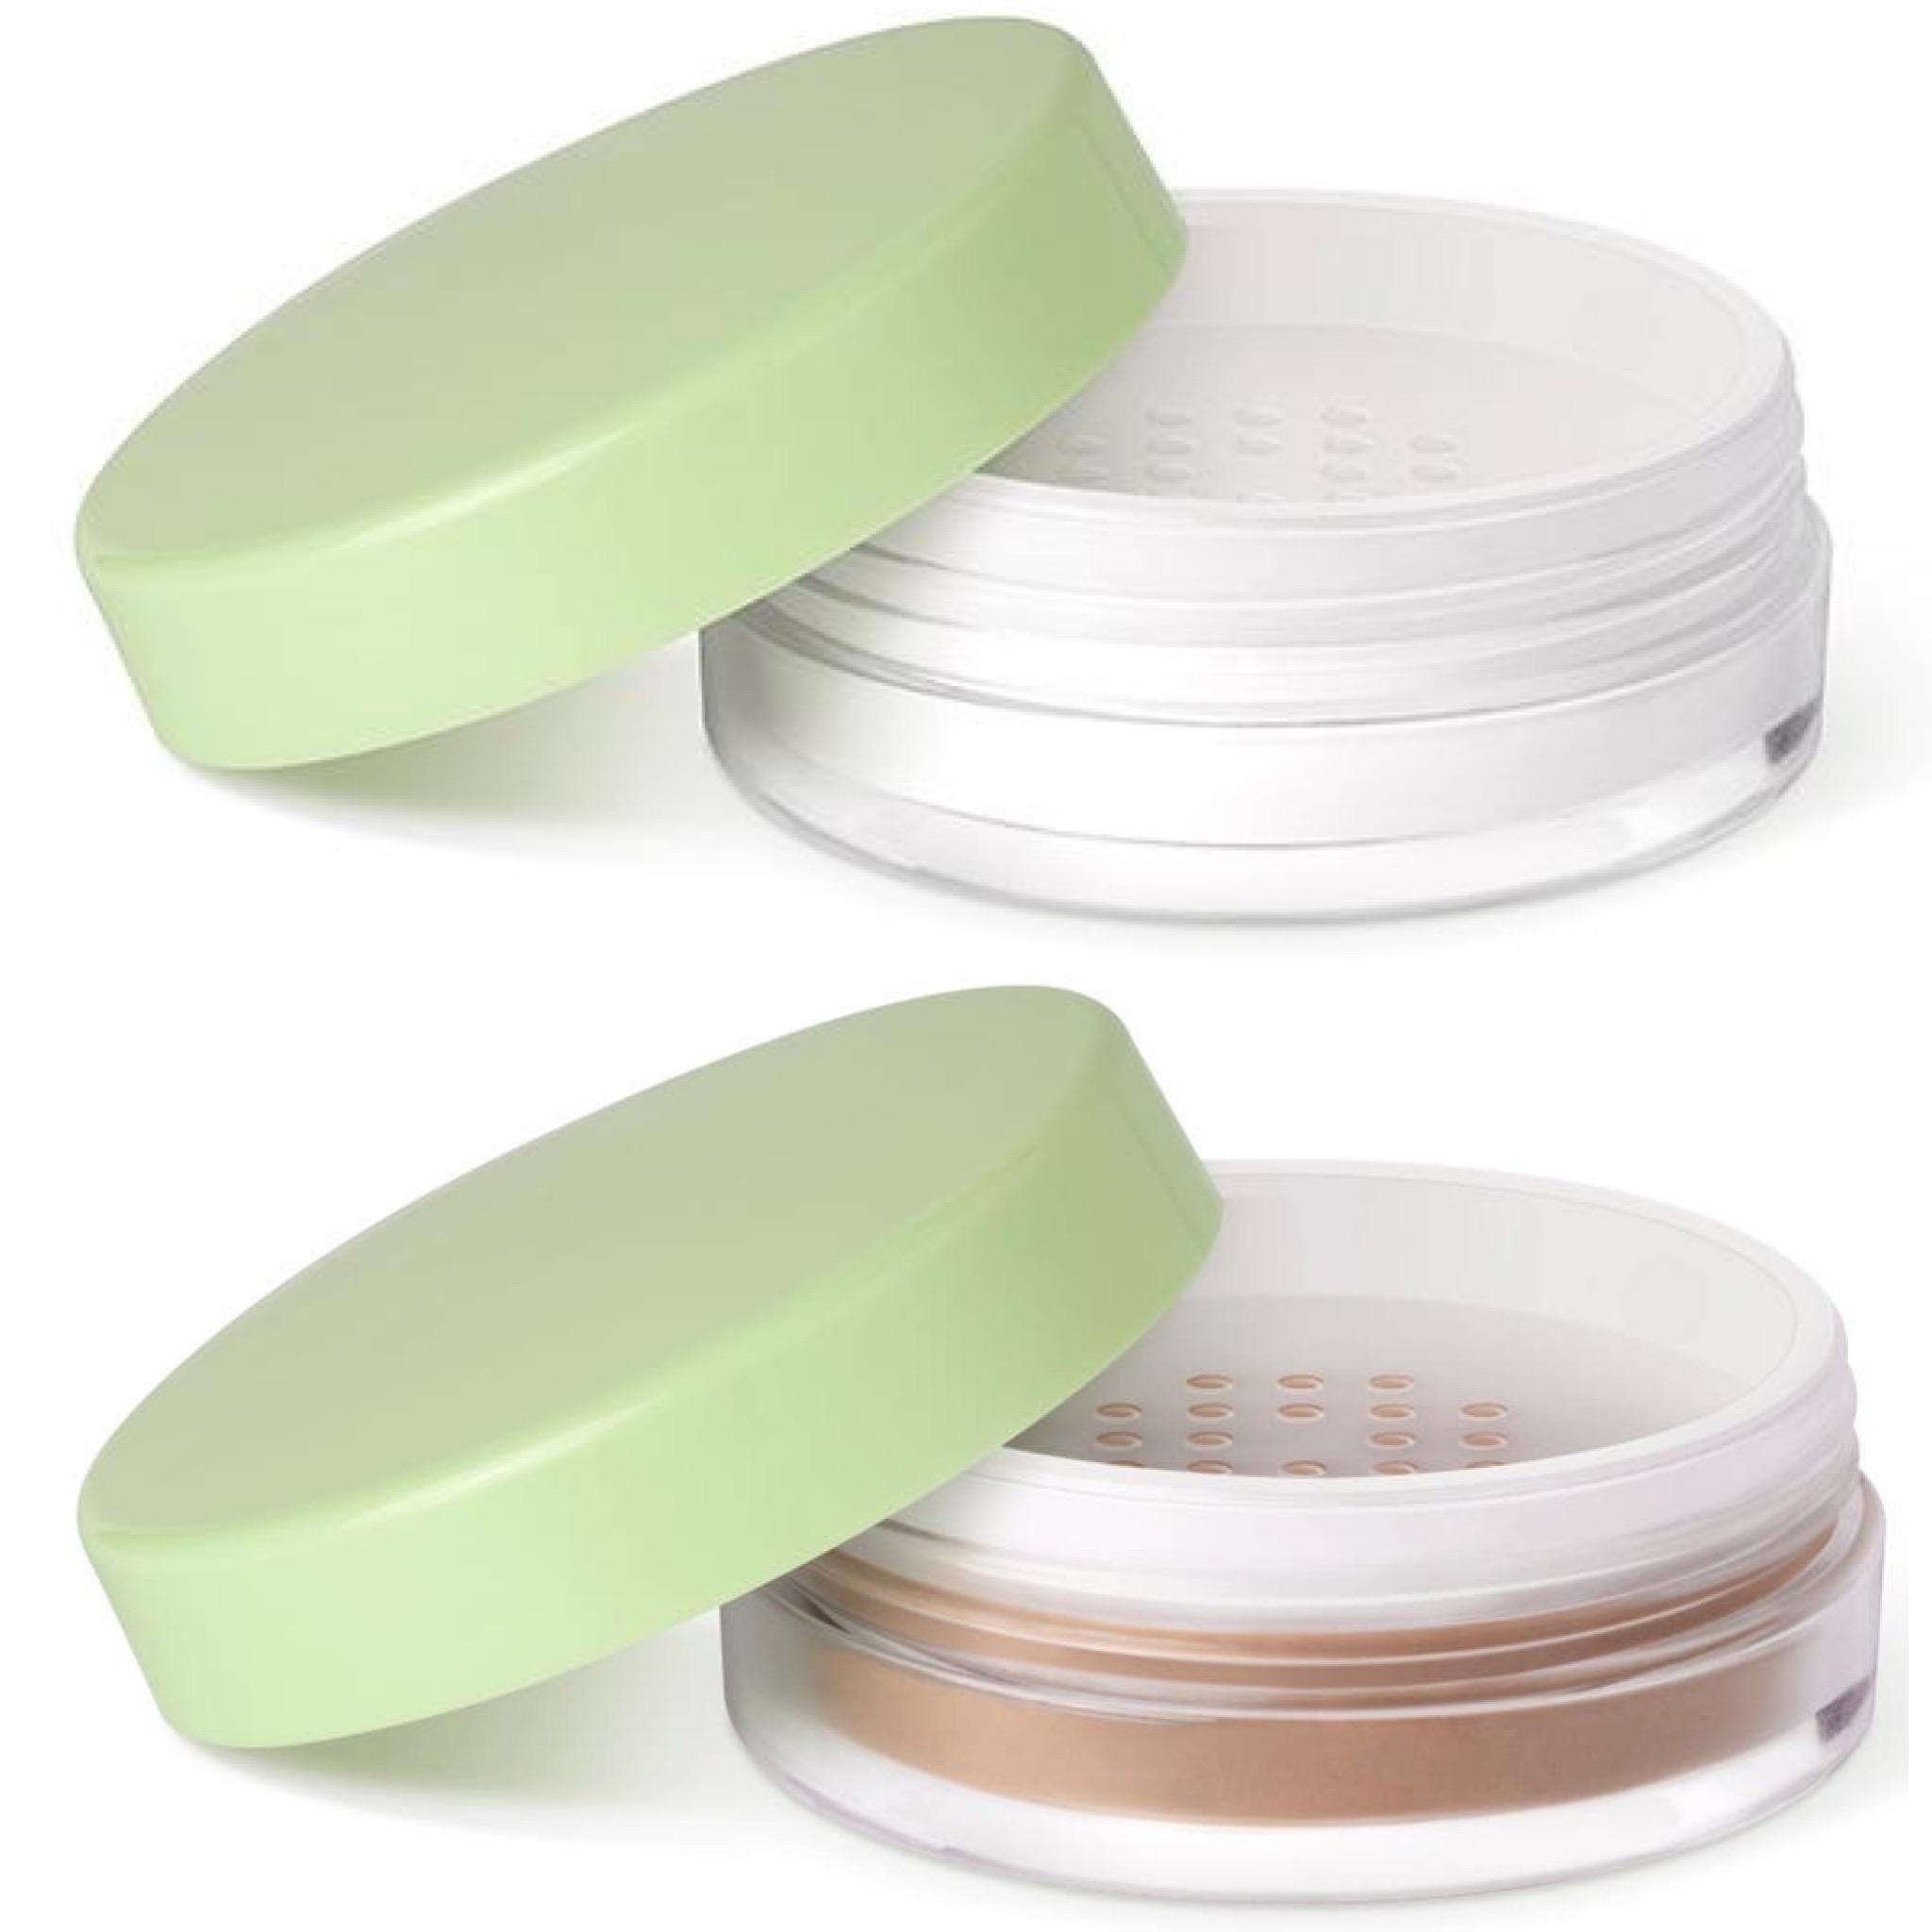 Pixi H2O SkinVeil Loose Powder